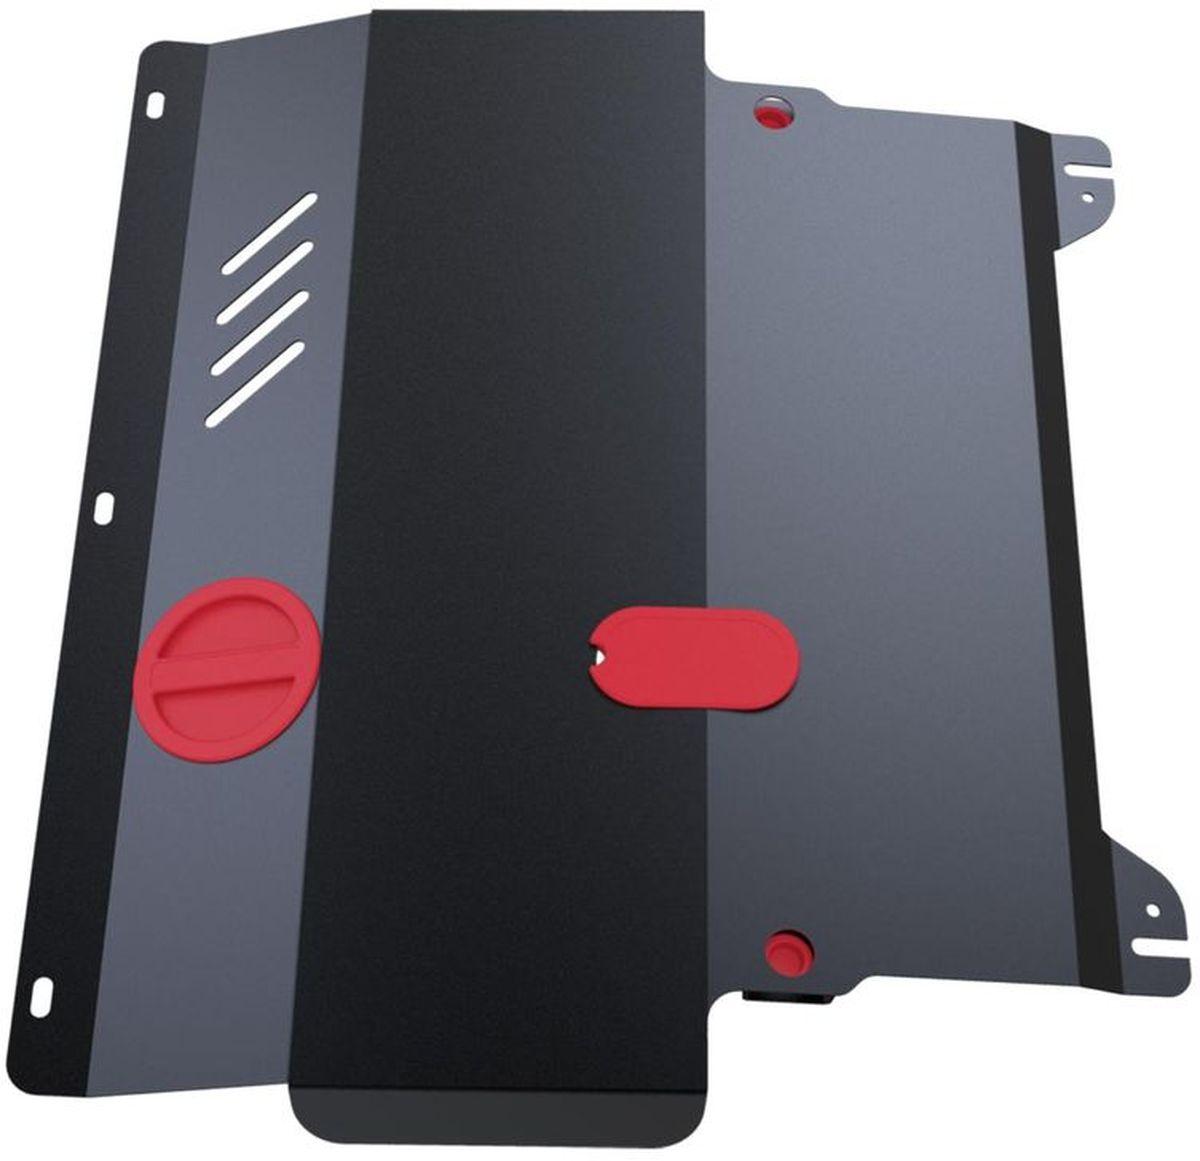 Защита картера и КПП Автоброня, для Toyota Yaris, V - 1,3 (2009-2011)K100Технологически совершенный продукт за невысокую стоимость.Защита разработана с учетом особенностей днища автомобиля, что позволяет сохранить дорожный просвет с минимальным изменением.Защита устанавливается в штатные места кузова автомобиля. Глубокий штамп обеспечивает до двух раз больше жесткости в сравнении с обычной защитой той же толщины. Проштампованные ребра жесткости препятствуют деформации защиты при ударах.Тепловой зазор и вентиляционные отверстия обеспечивают сохранение температурного режима двигателя в норме. Скрытый крепеж предотвращает срыв крепежных элементов при наезде на препятствие.Шумопоглощающие резиновые элементы обеспечивают комфортную езду без вибраций и скрежета металла, а съемные лючки для слива масла и замены фильтра - экономию средств и время.Конструкция изделия не влияет на пассивную безопасность автомобиля (при ударе защита не воздействует на деформационные зоны кузова). Со штатным крепежом. В комплекте инструкция по установке.Толщина стали: 2 мм.Уважаемые клиенты!Обращаем ваше внимание, что элемент защиты имеет форму, соответствующую модели данного автомобиля. Фото служит для визуального восприятия товара и может отличаться от фактического.